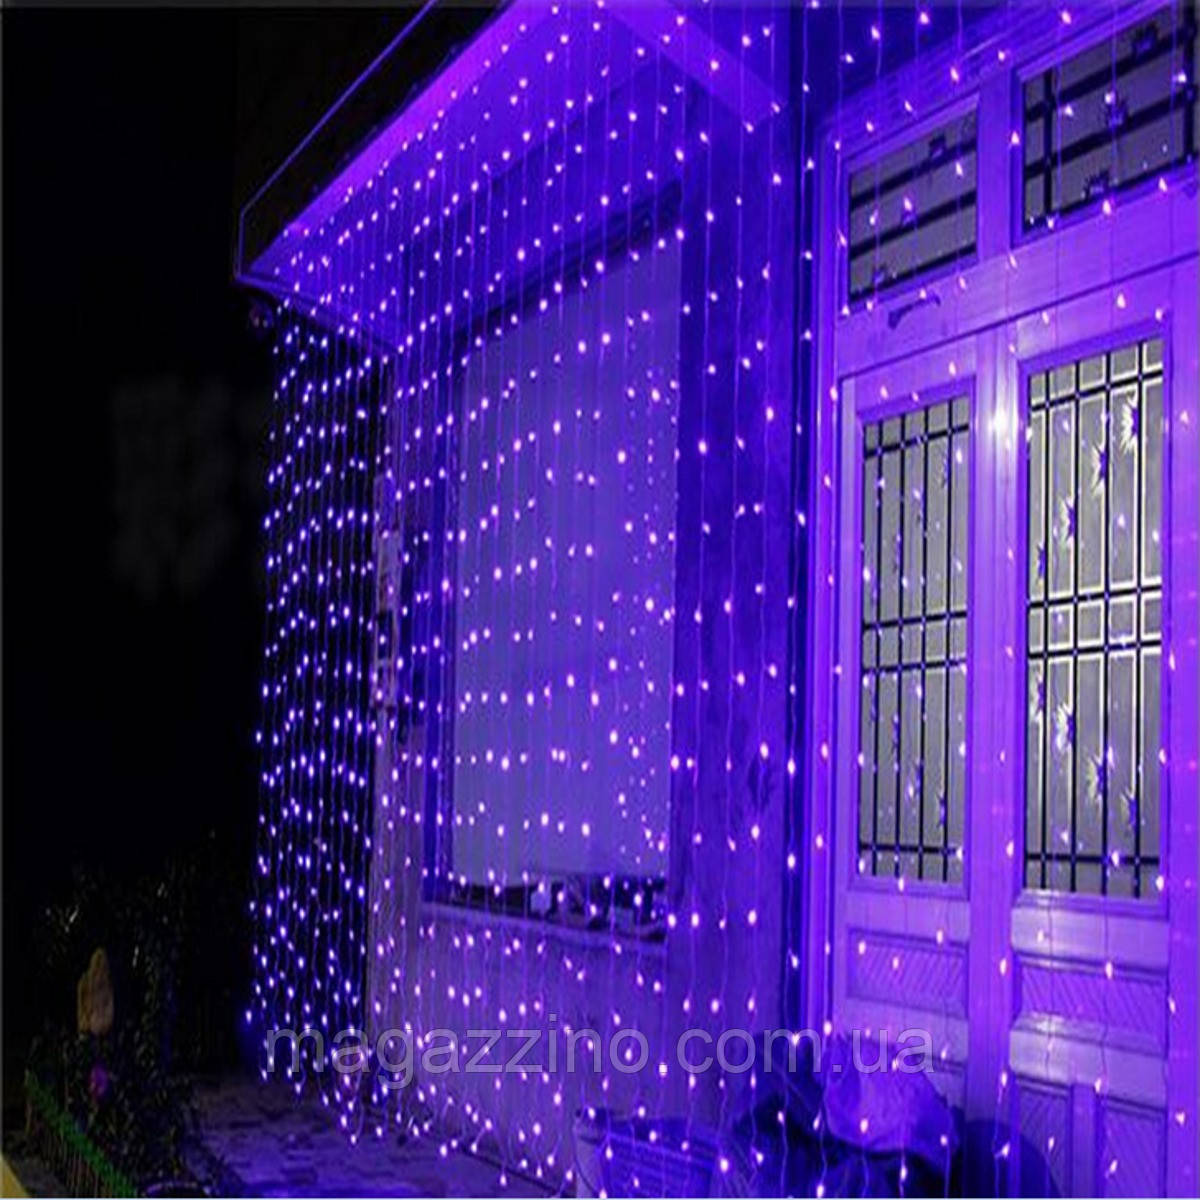 Гирлянда наружная Штора светодиодная, 150 LED, Фиолетовая, флеш с мерцанием, белый провод, 3х1м.